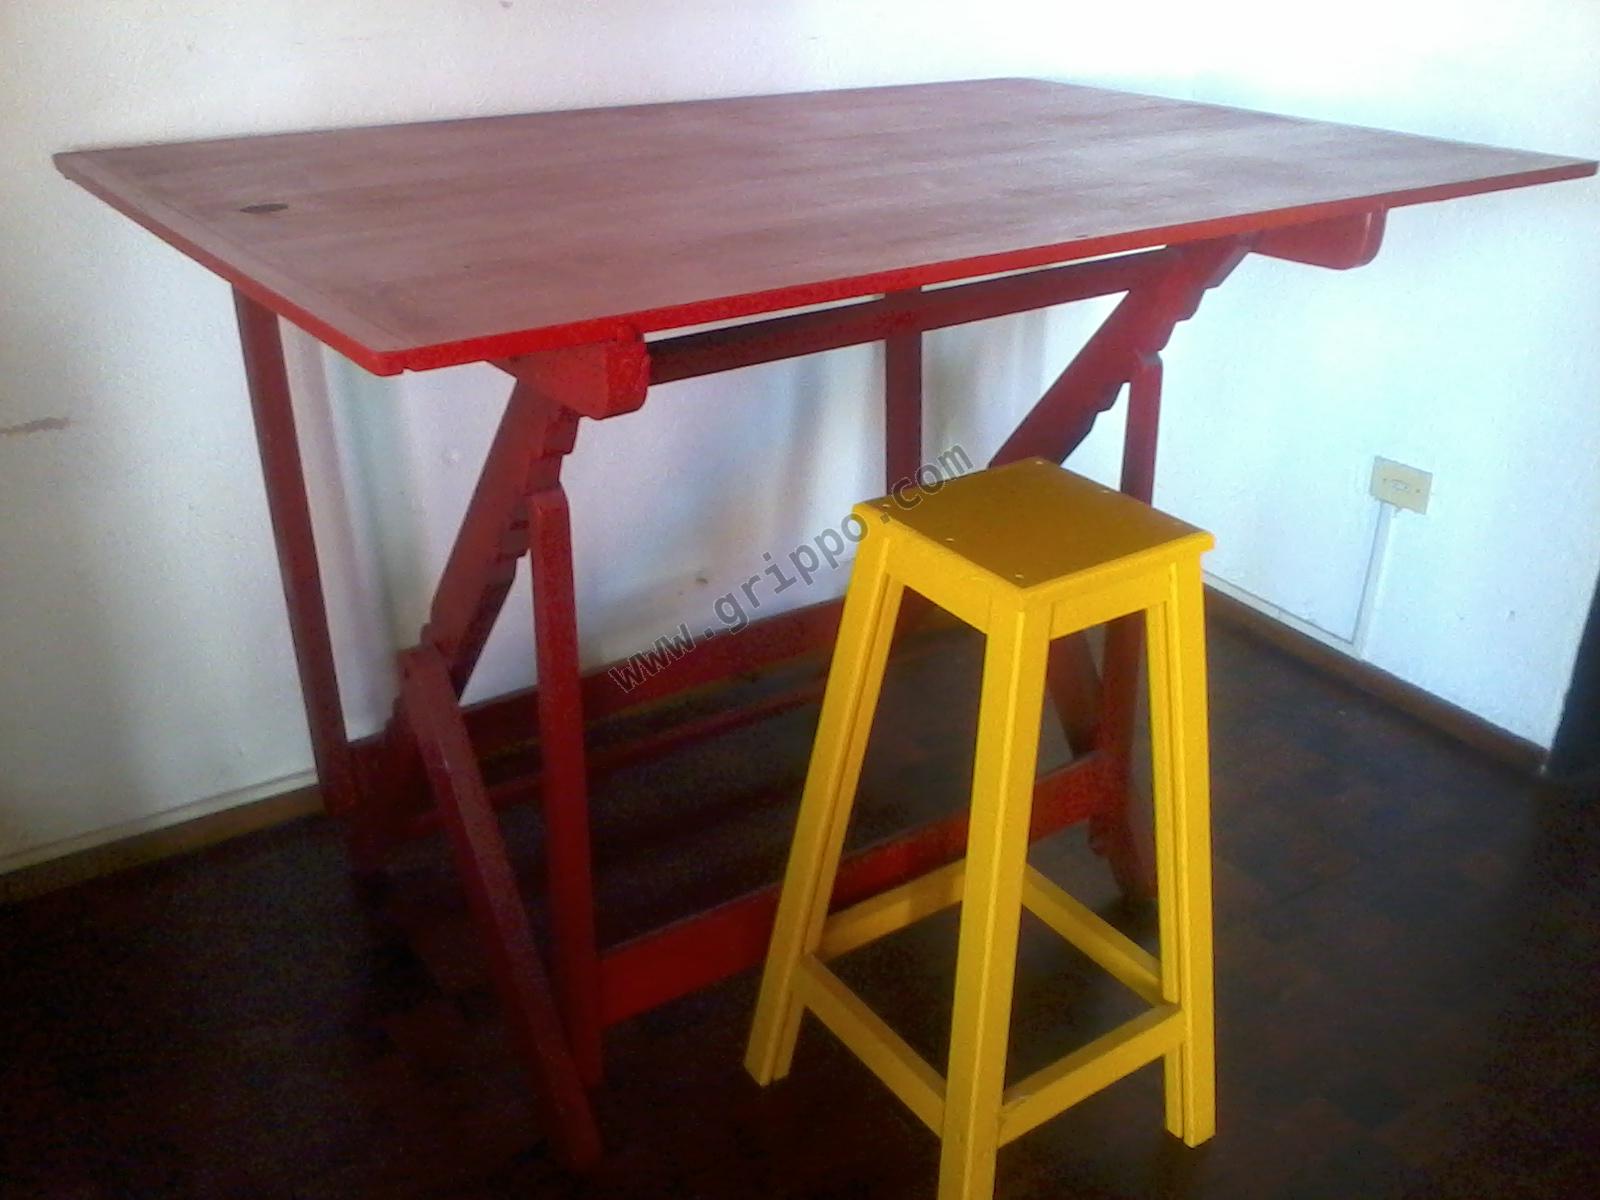 Mesa de arquitecto dise ador para dibujo con banqueta - Mesas de arquitecto ...